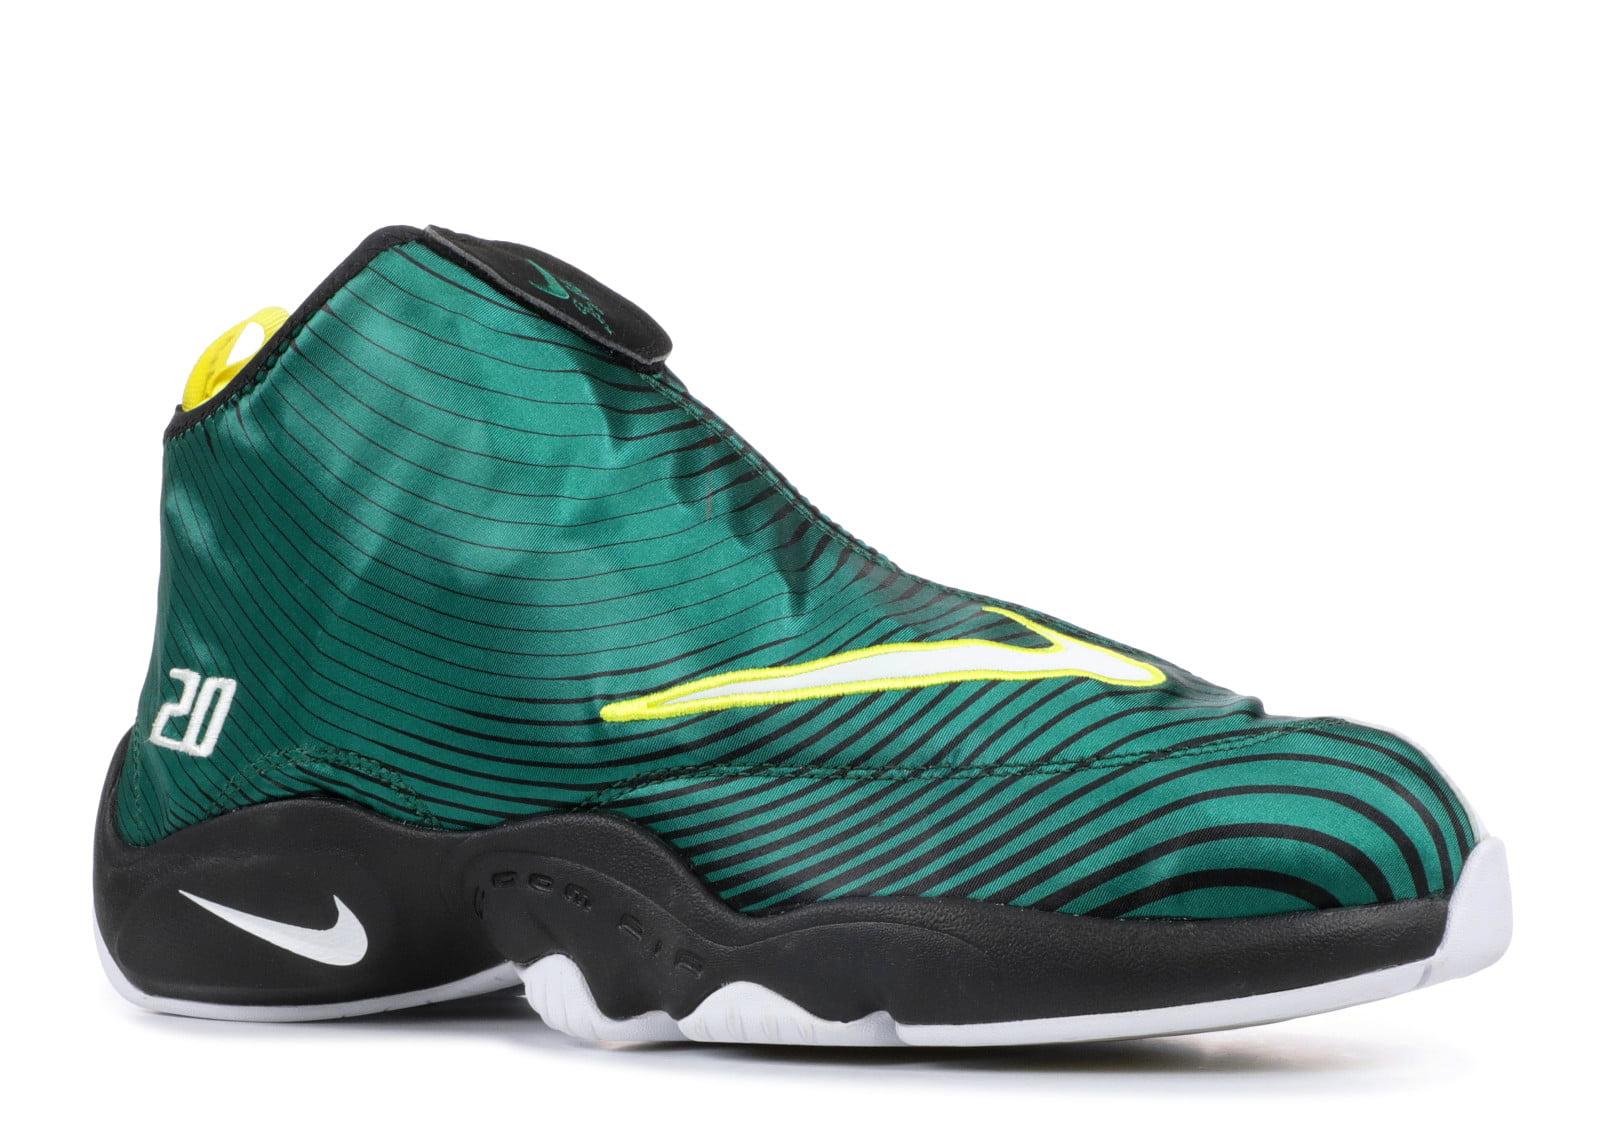 Nike Air Zoom Flight The Glove Qs 'Gary